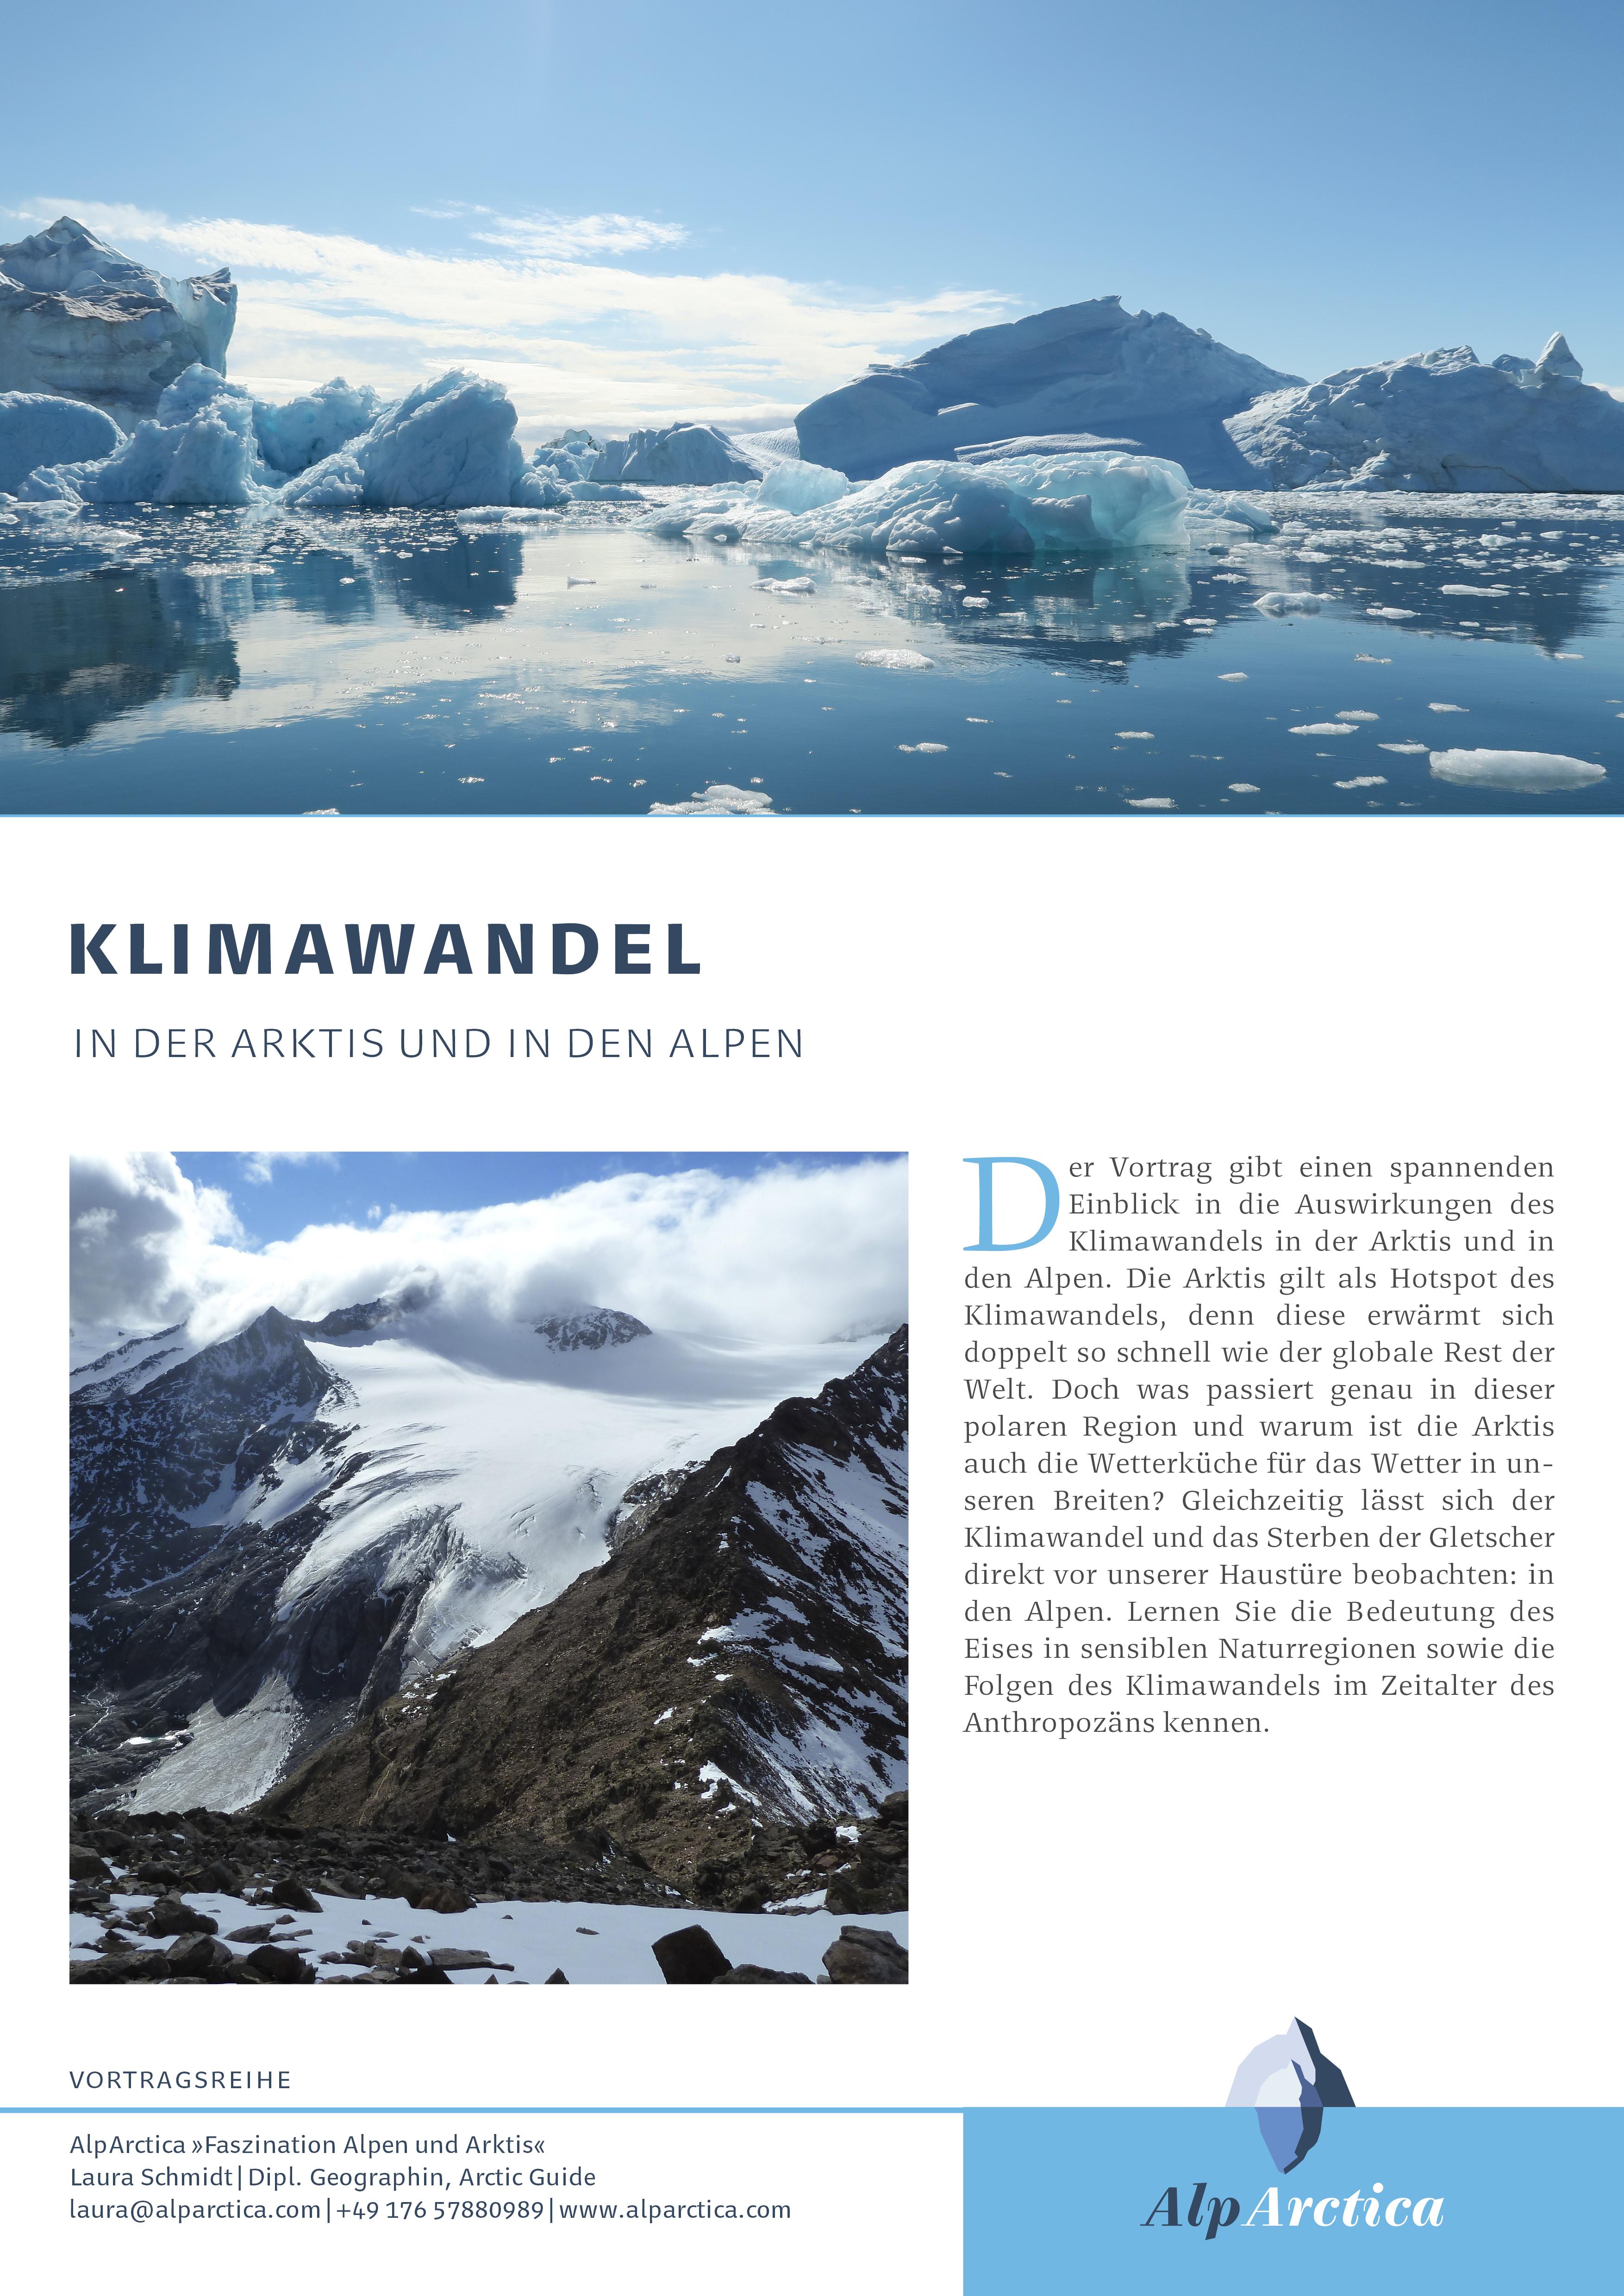 Klimwandel in der Arktis und in den Alpen